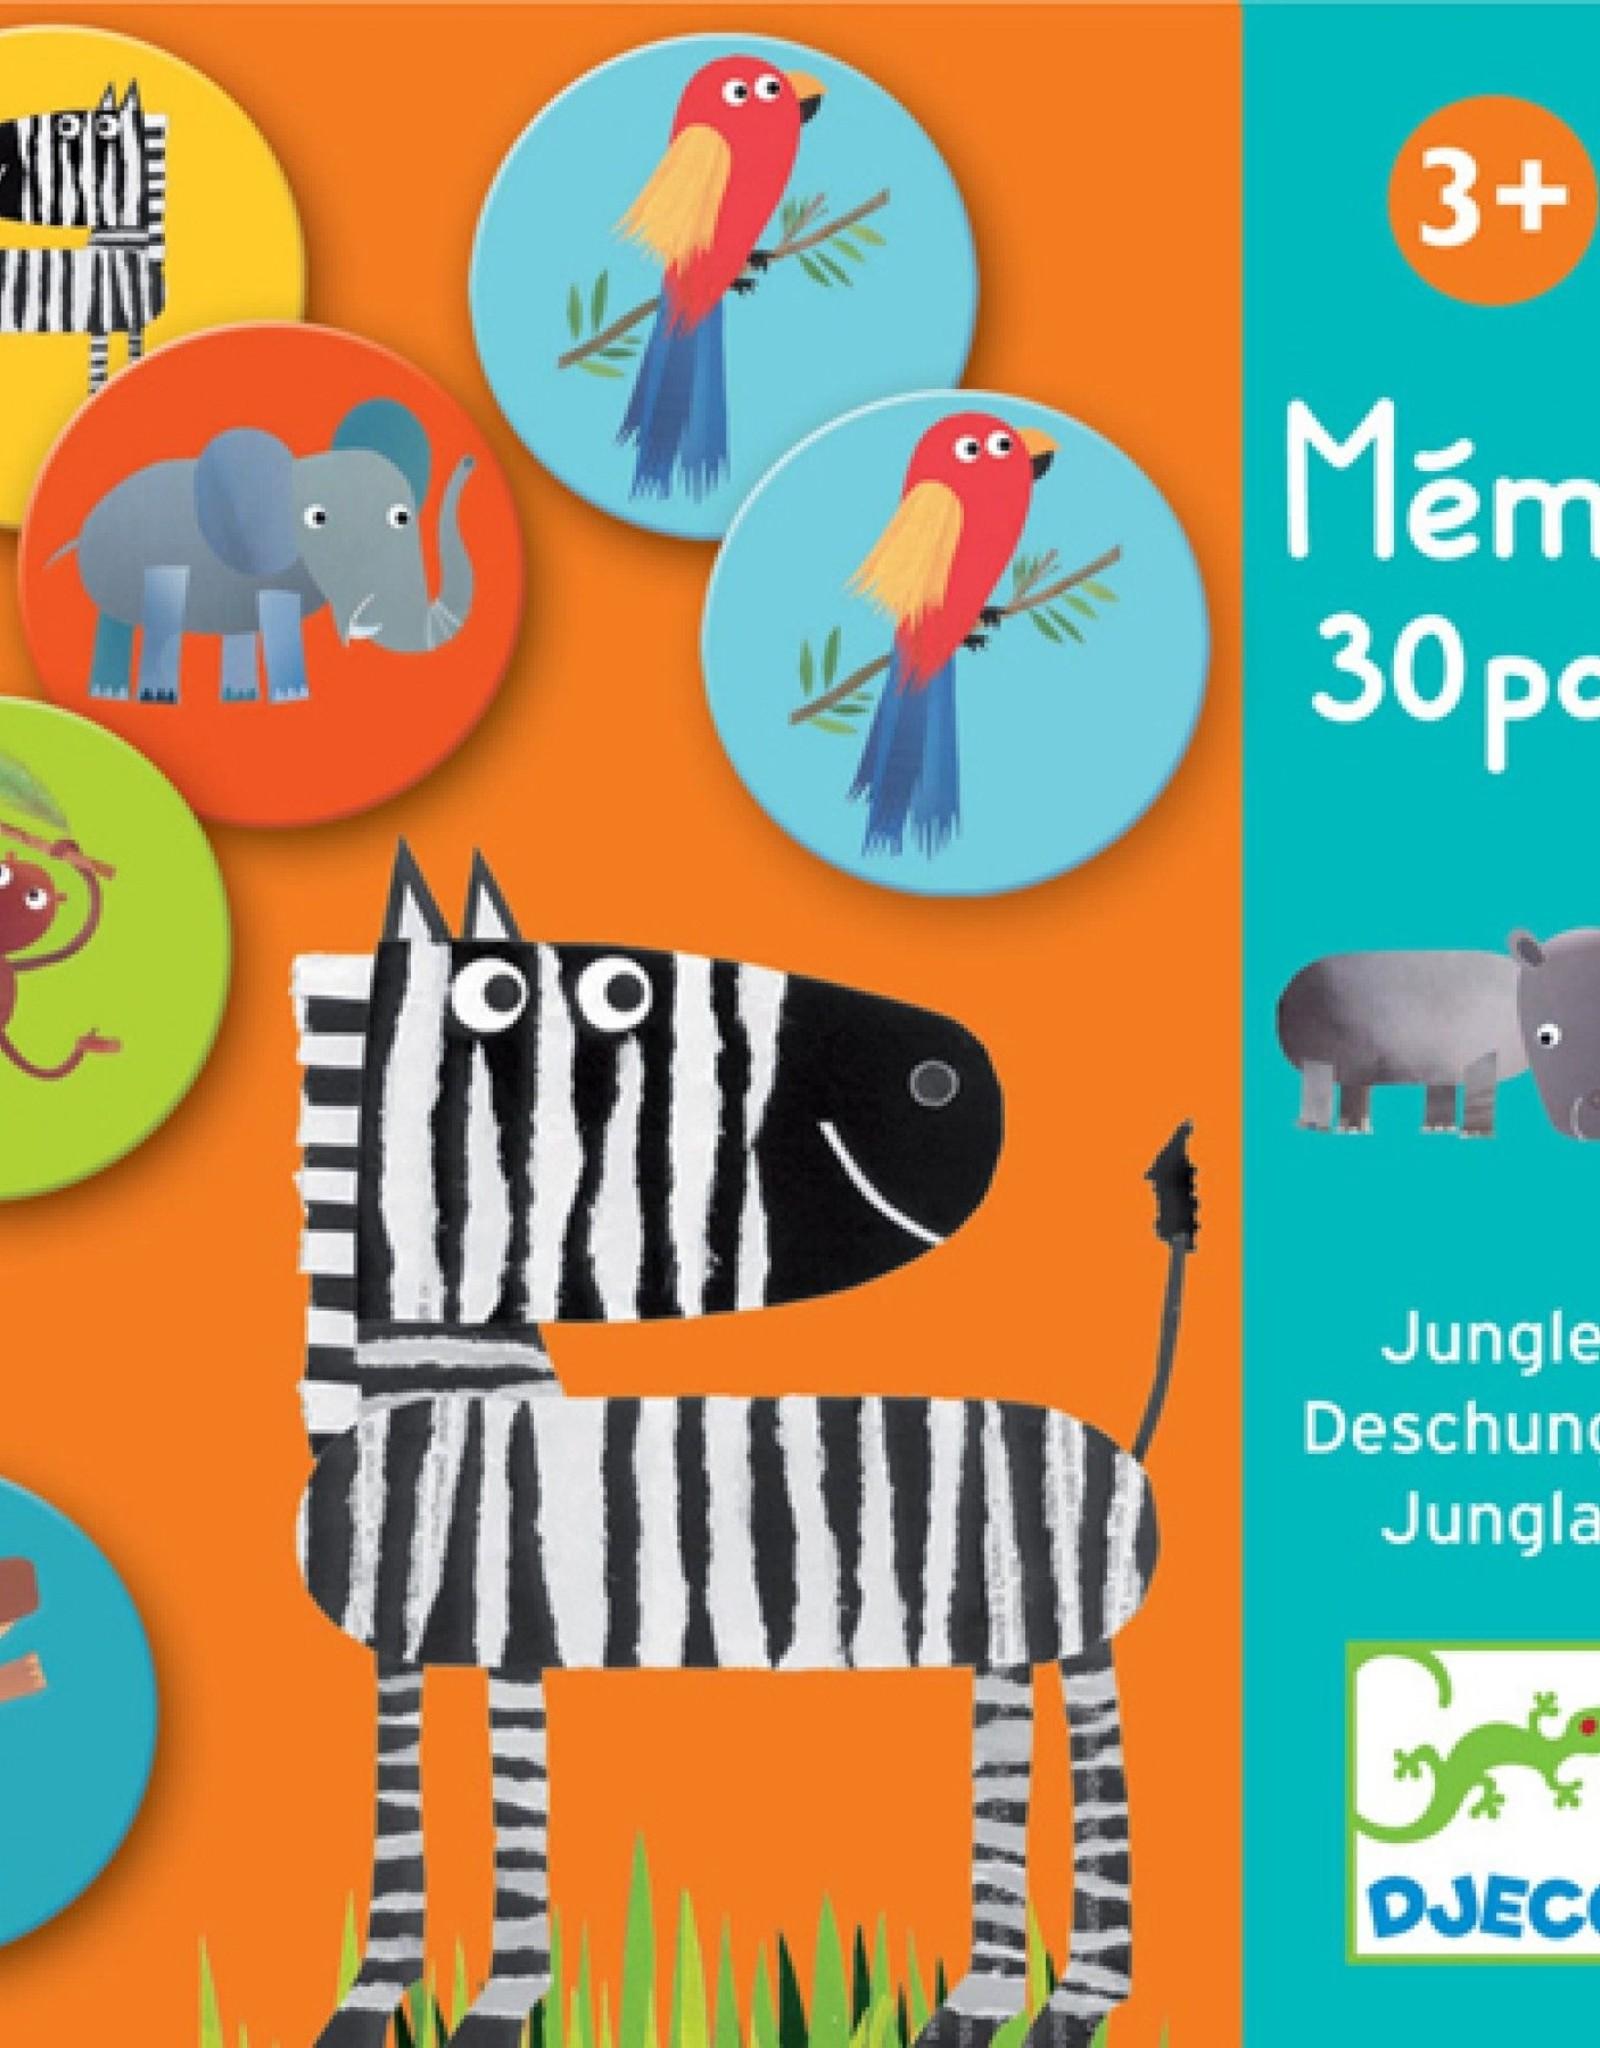 Djeco Memo Jungle